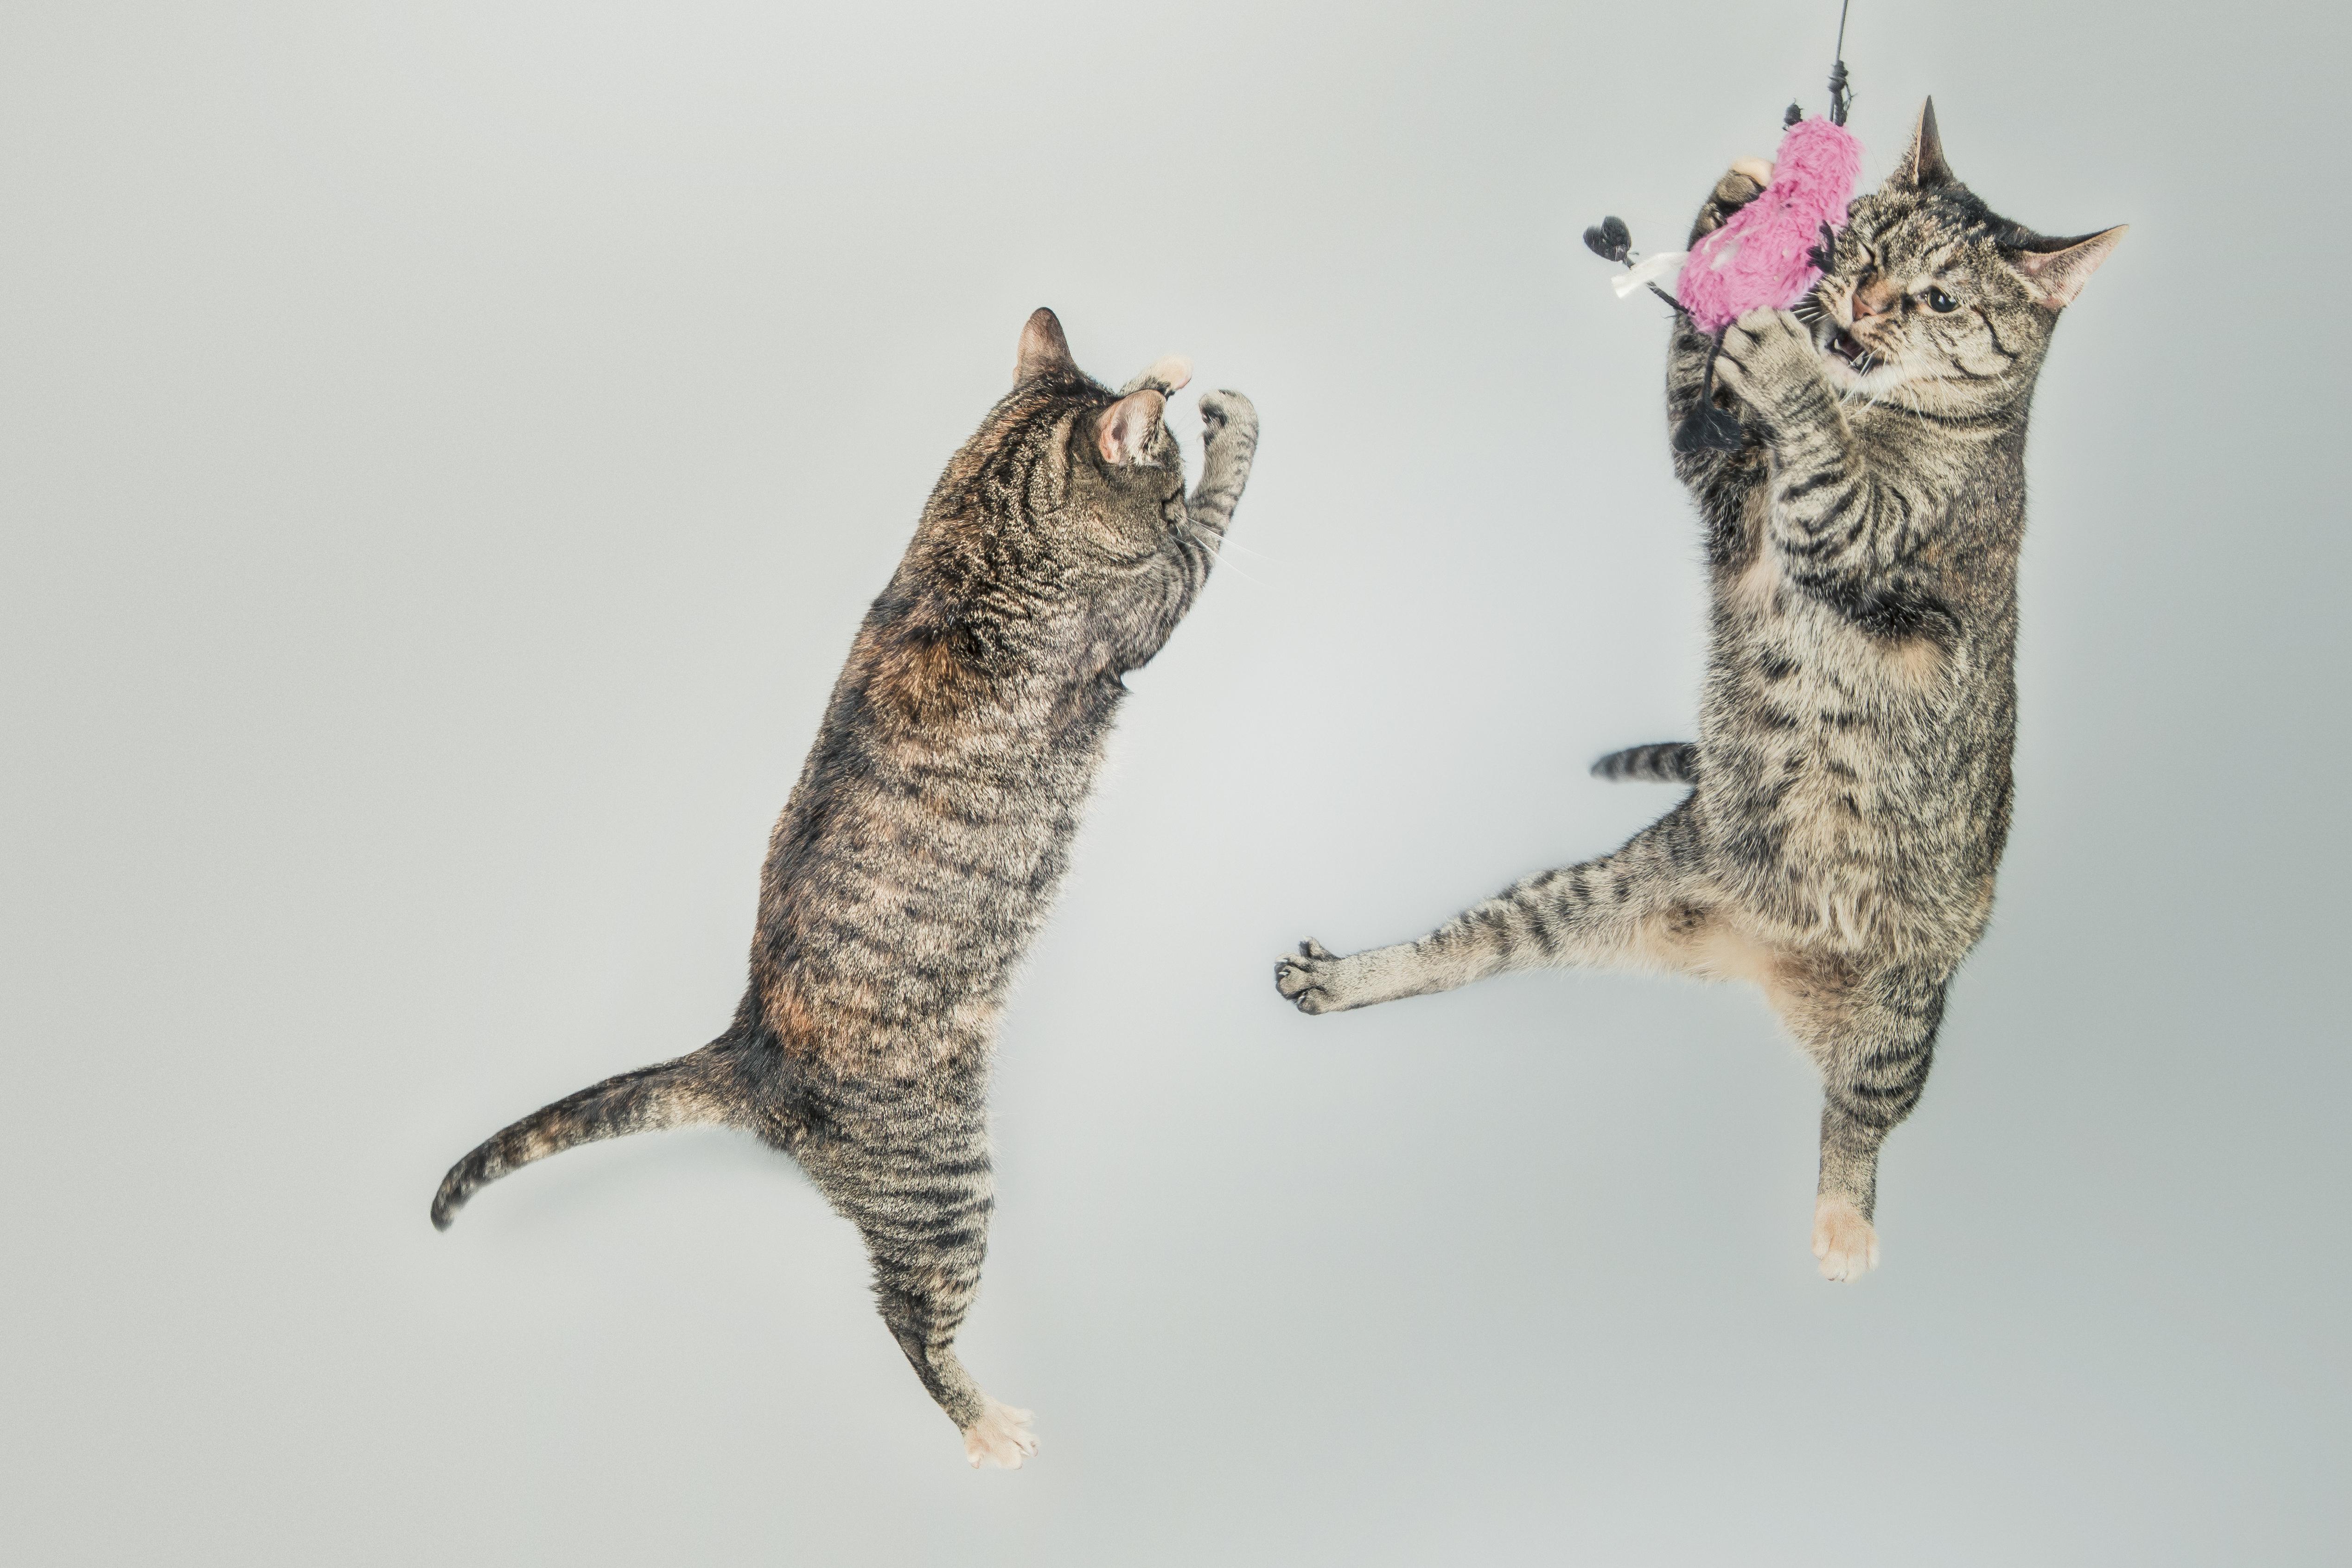 Cuckoo Cats | Cat-Opedia